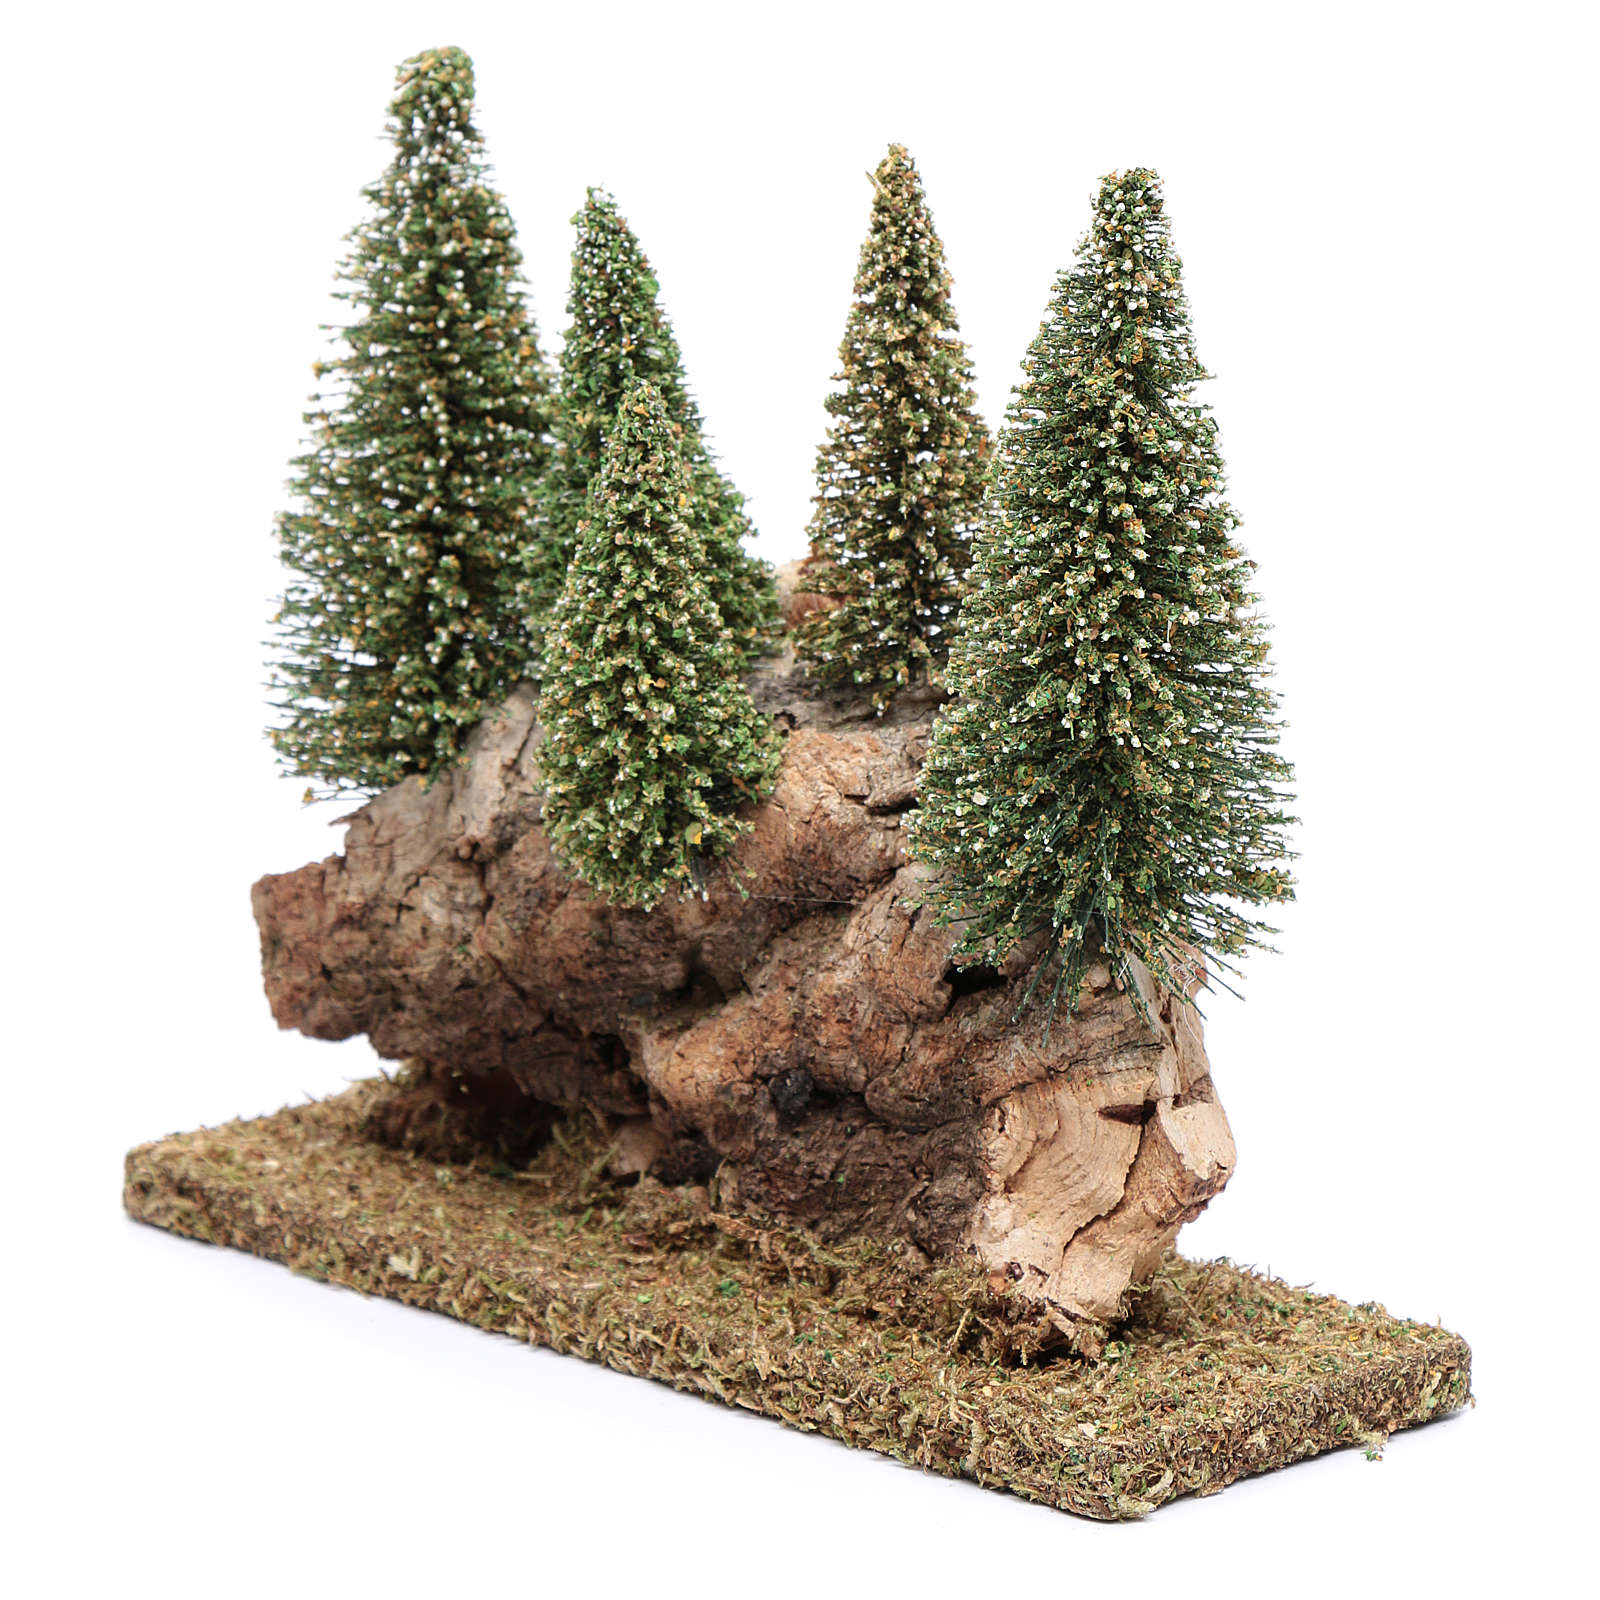 Collina con bosco di pini 20x20x5 cm 4